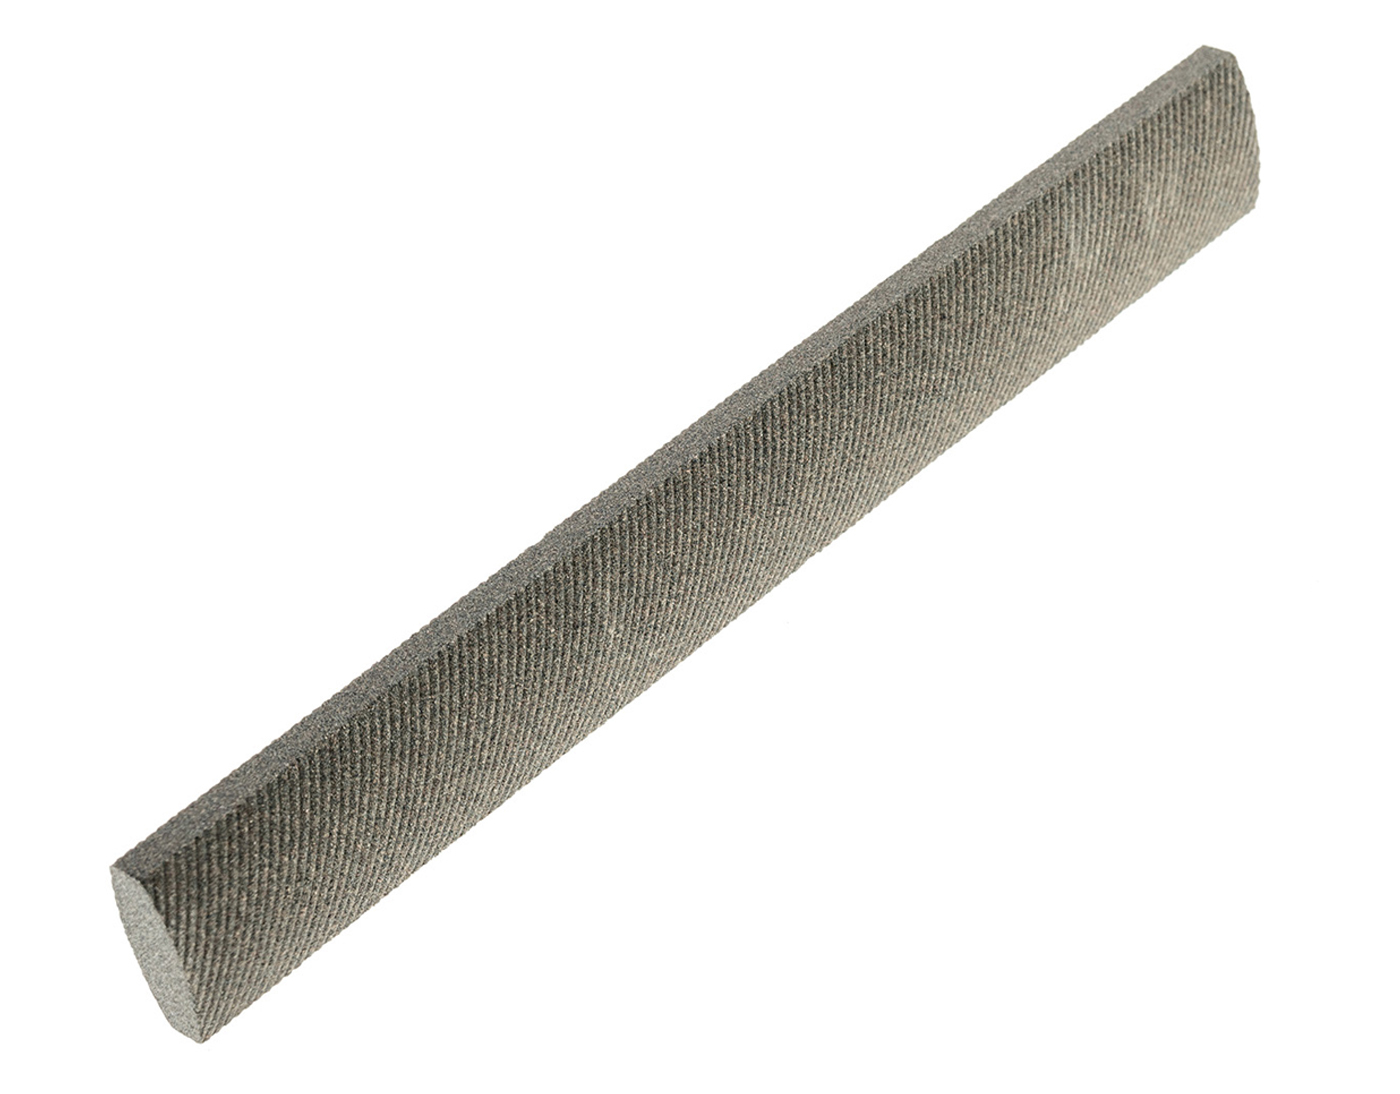 Фото 6 - Керамический точильный брусок Lansky, Heavy Duty tool Sharpener, LHONE